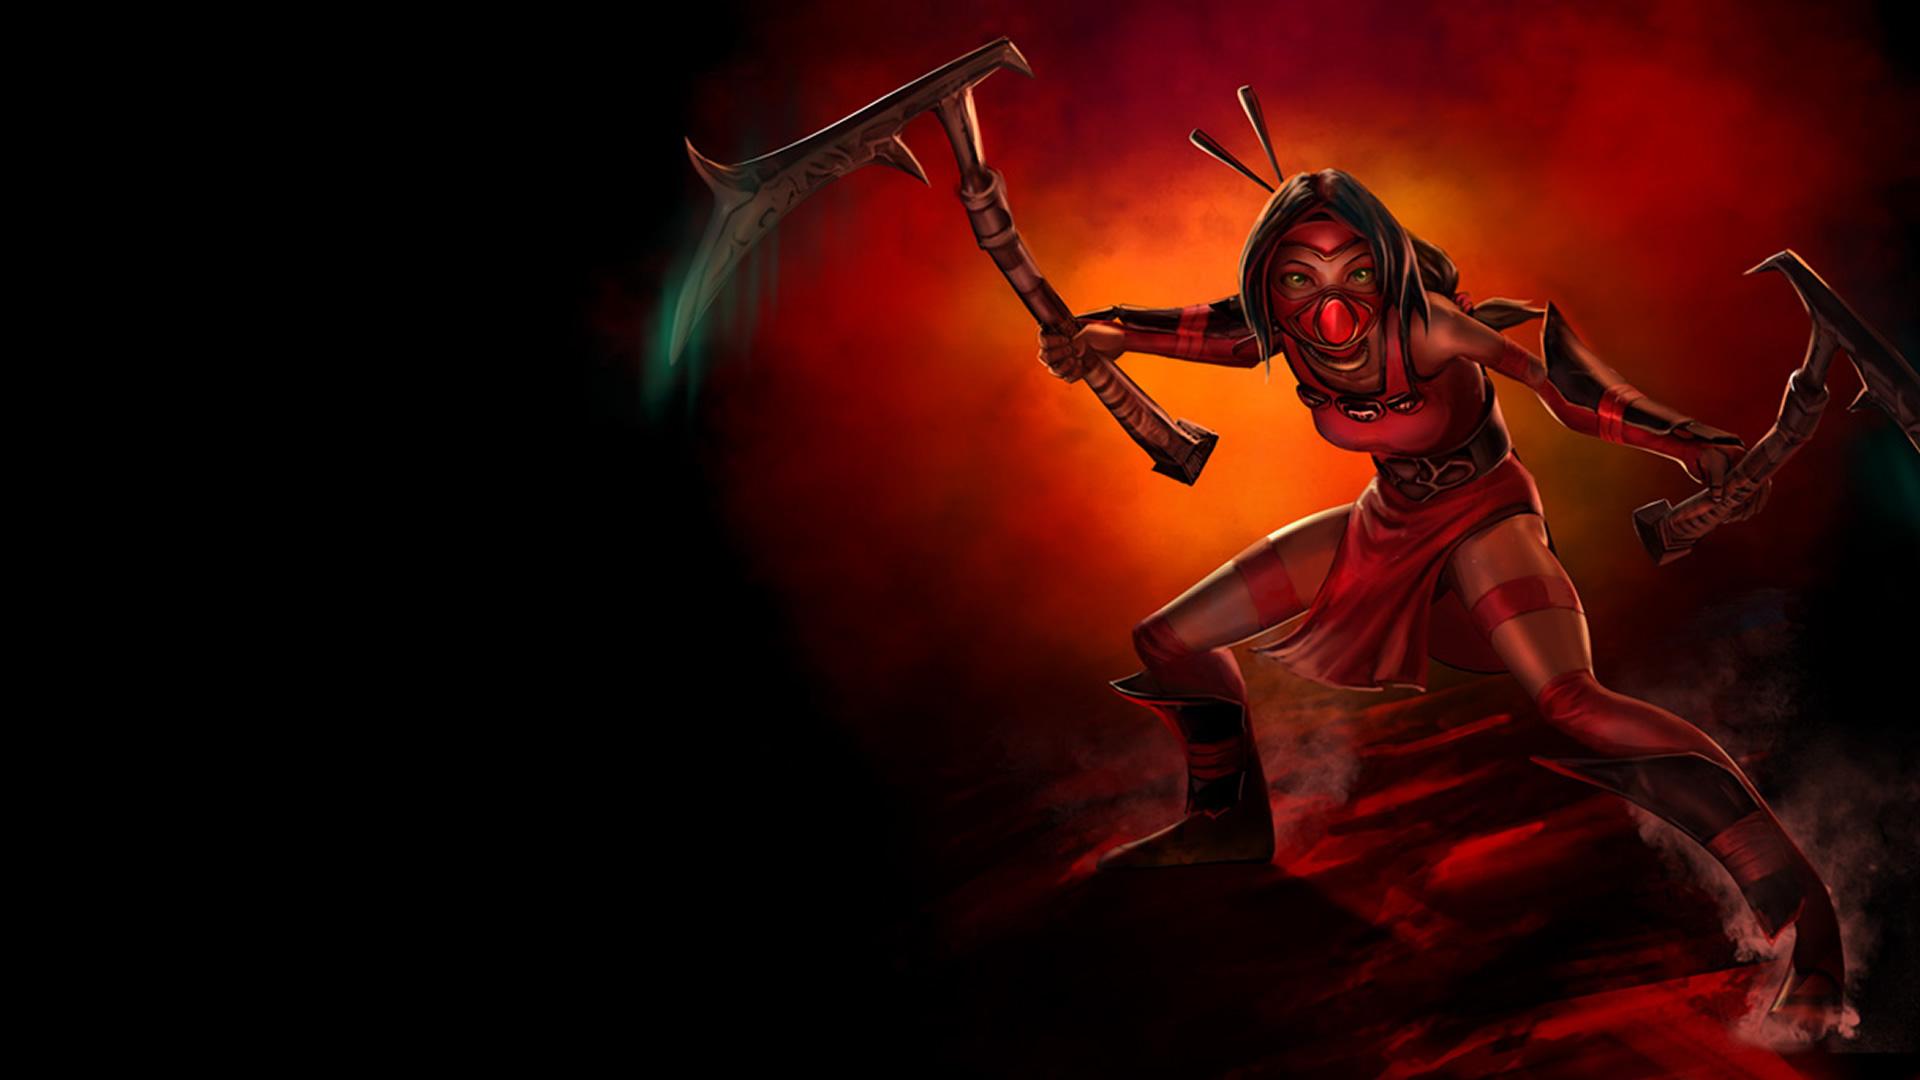 Crimson Akali wallpaper